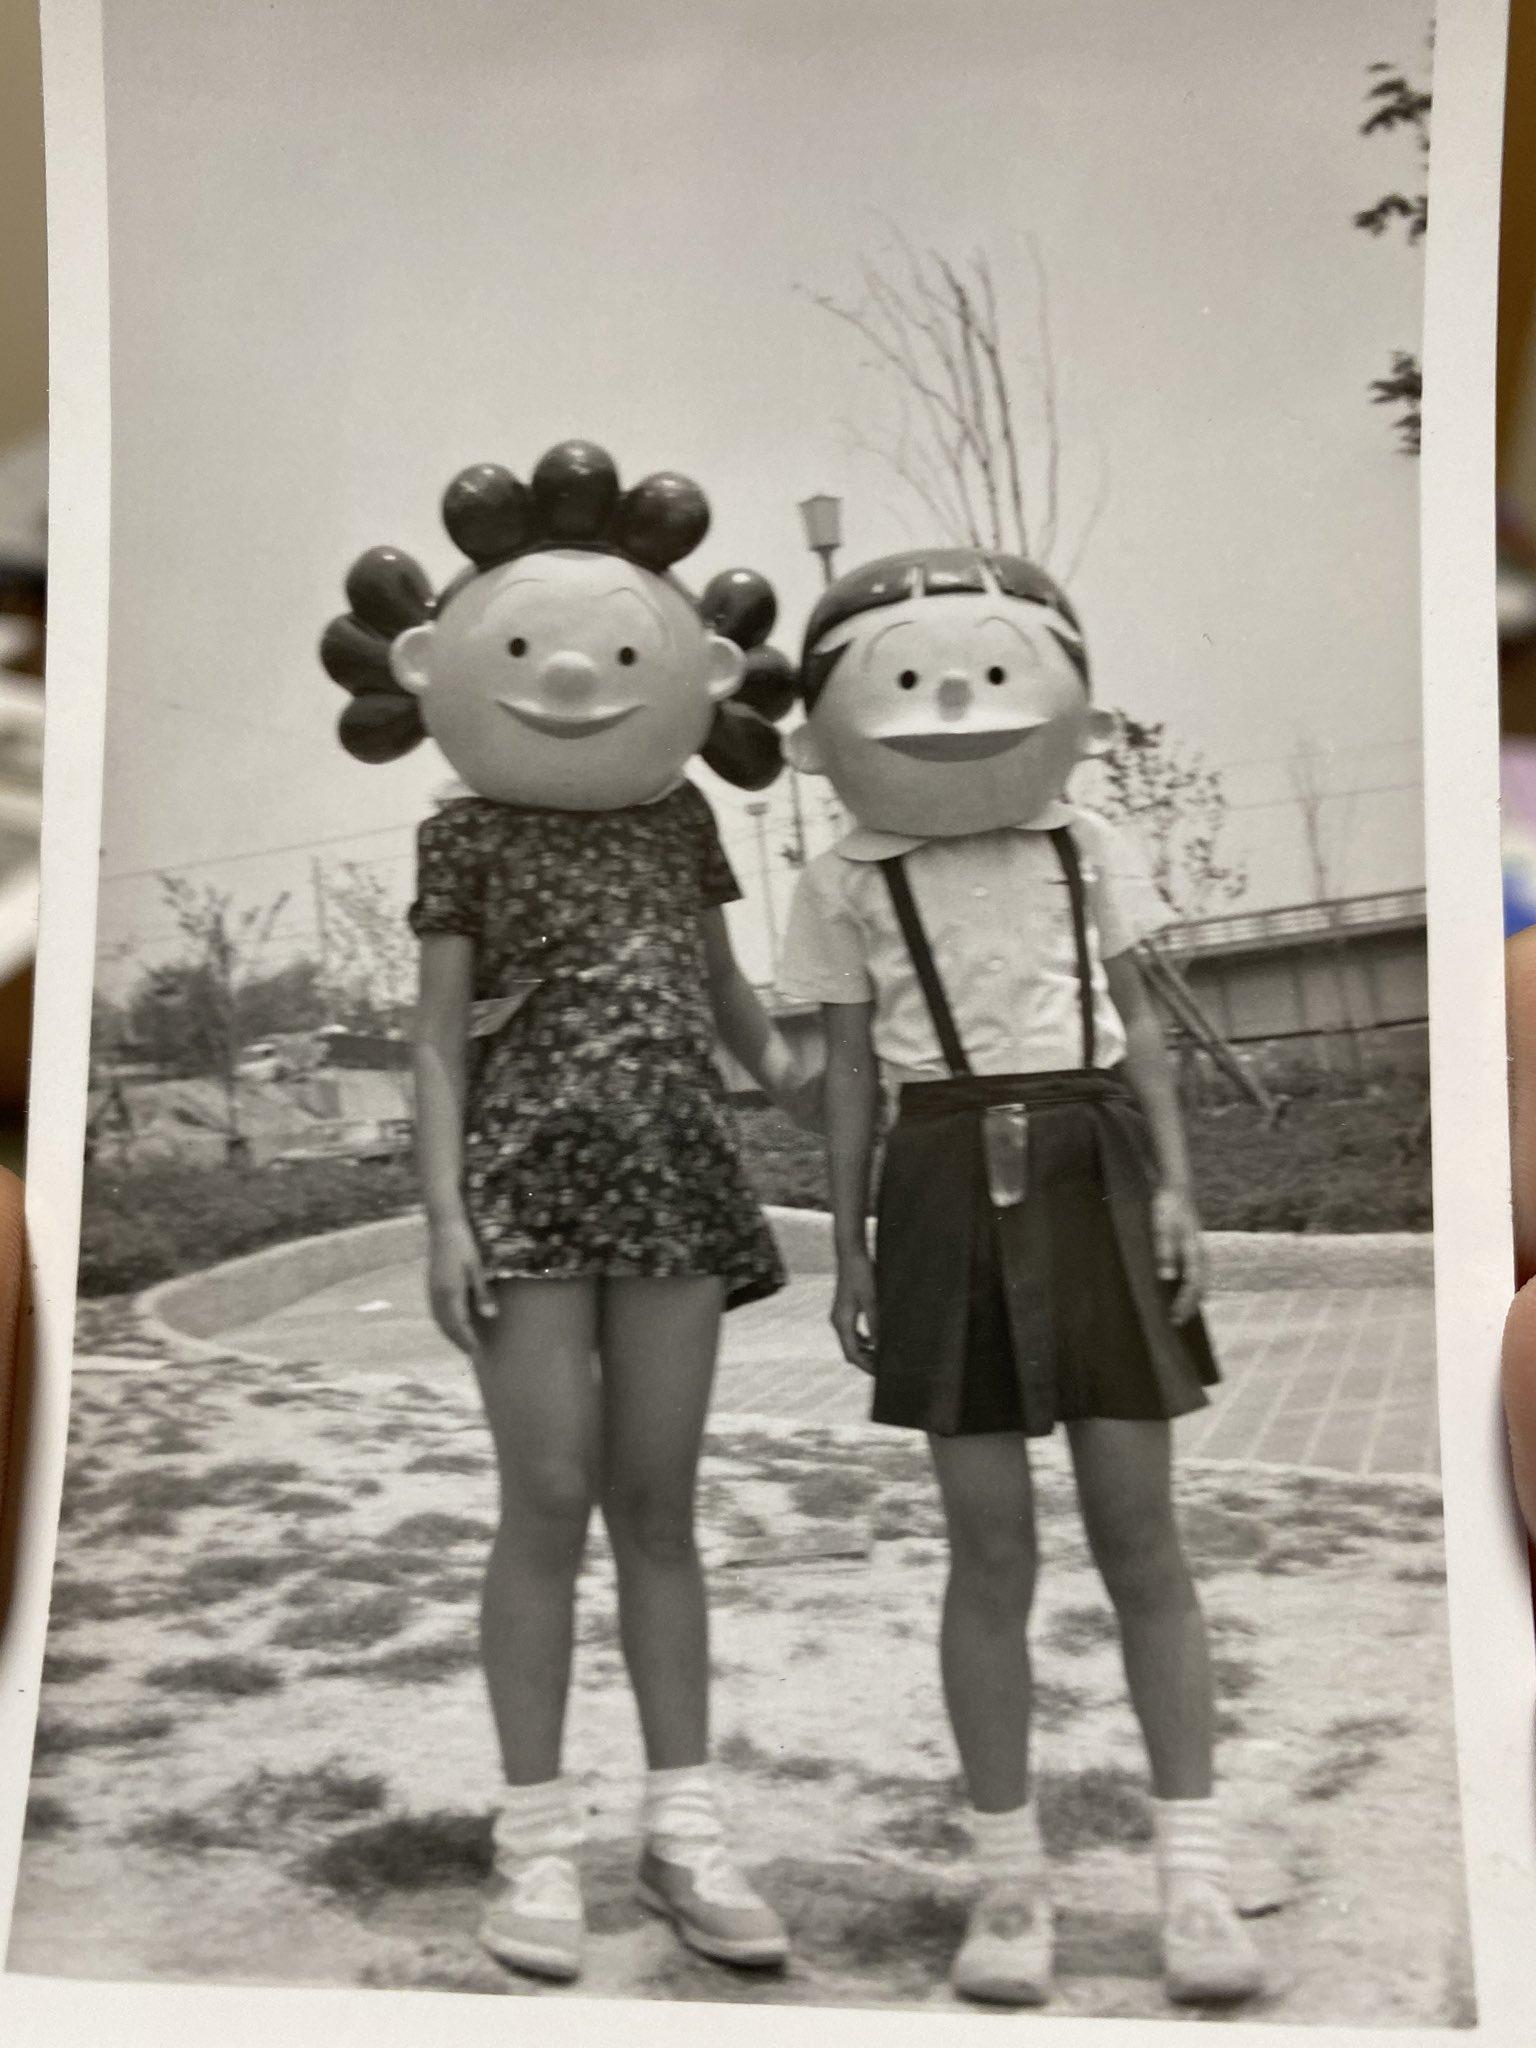 オカンとかの昔の写真www意味がわからなすぎて大笑いwwwなぜサザエさんw